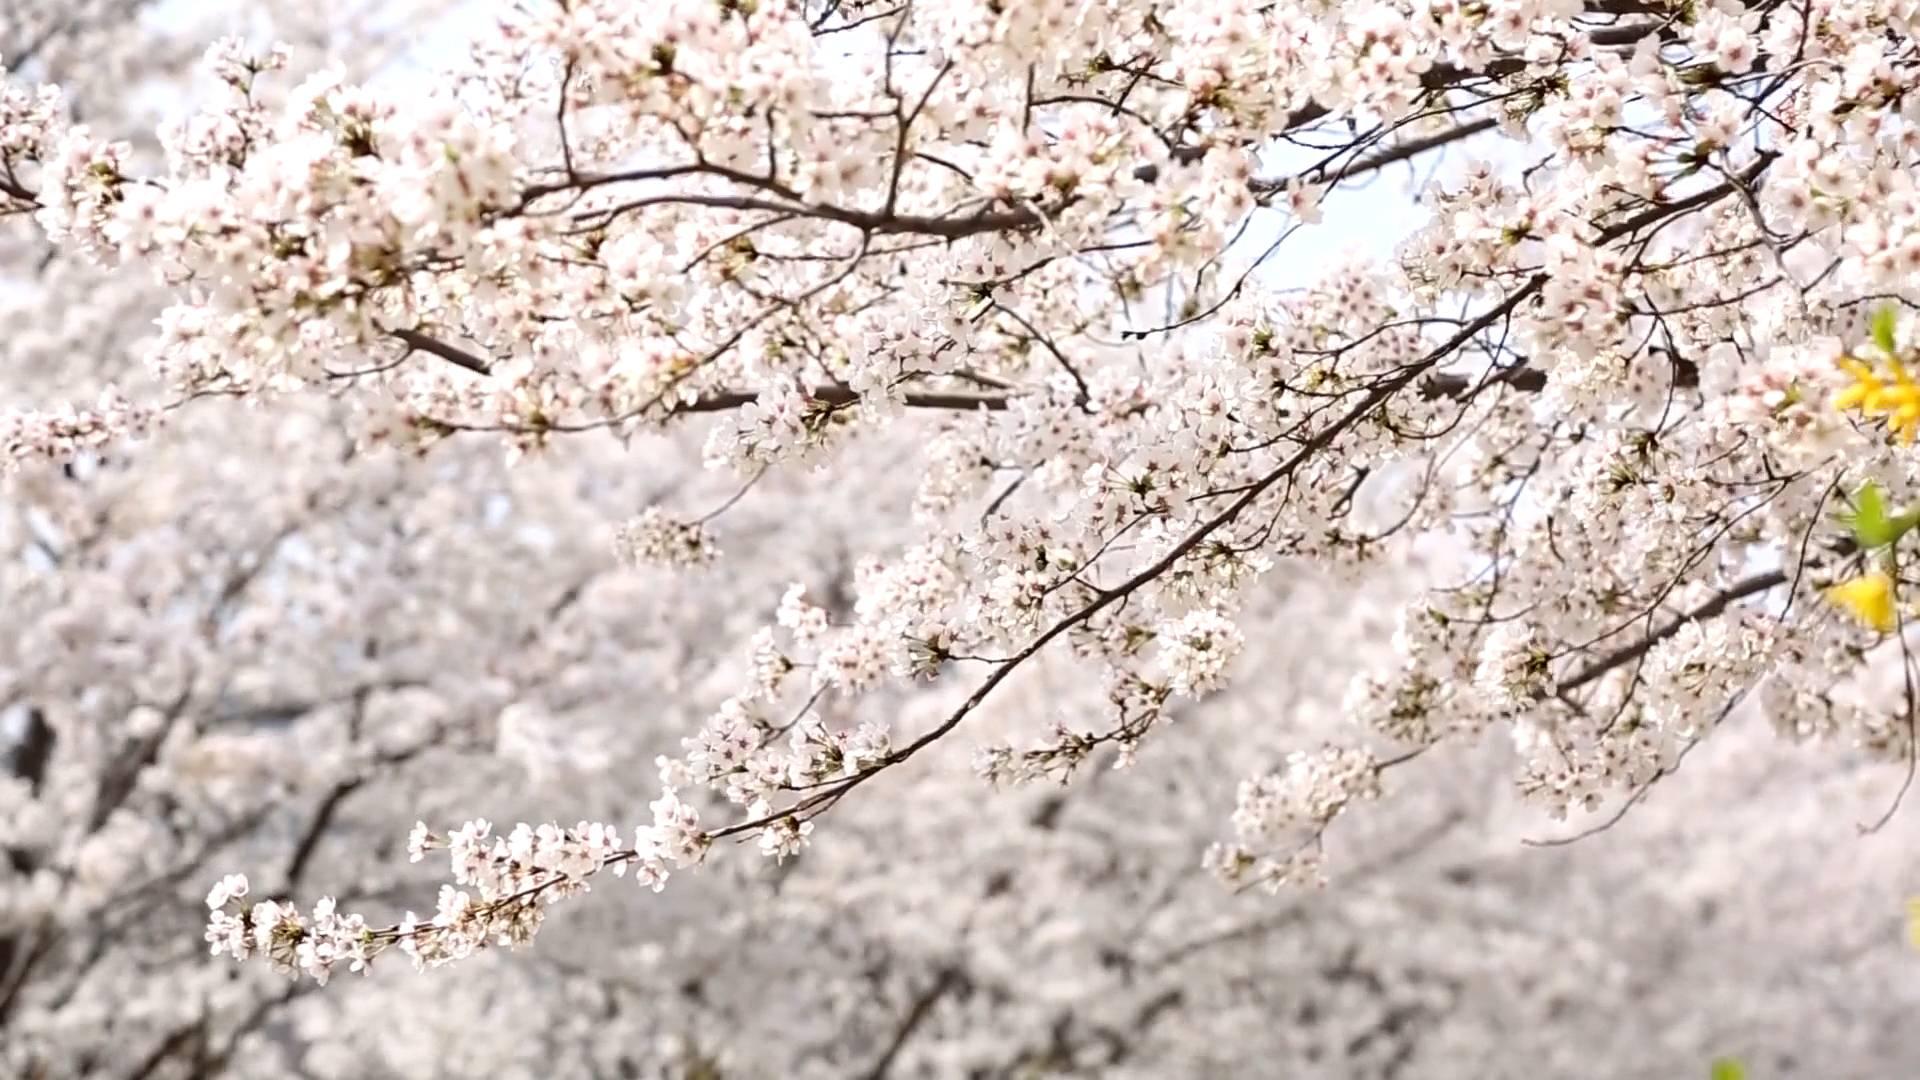 滨州邹平十里樱花醉游人,满树烂漫 如云似霞